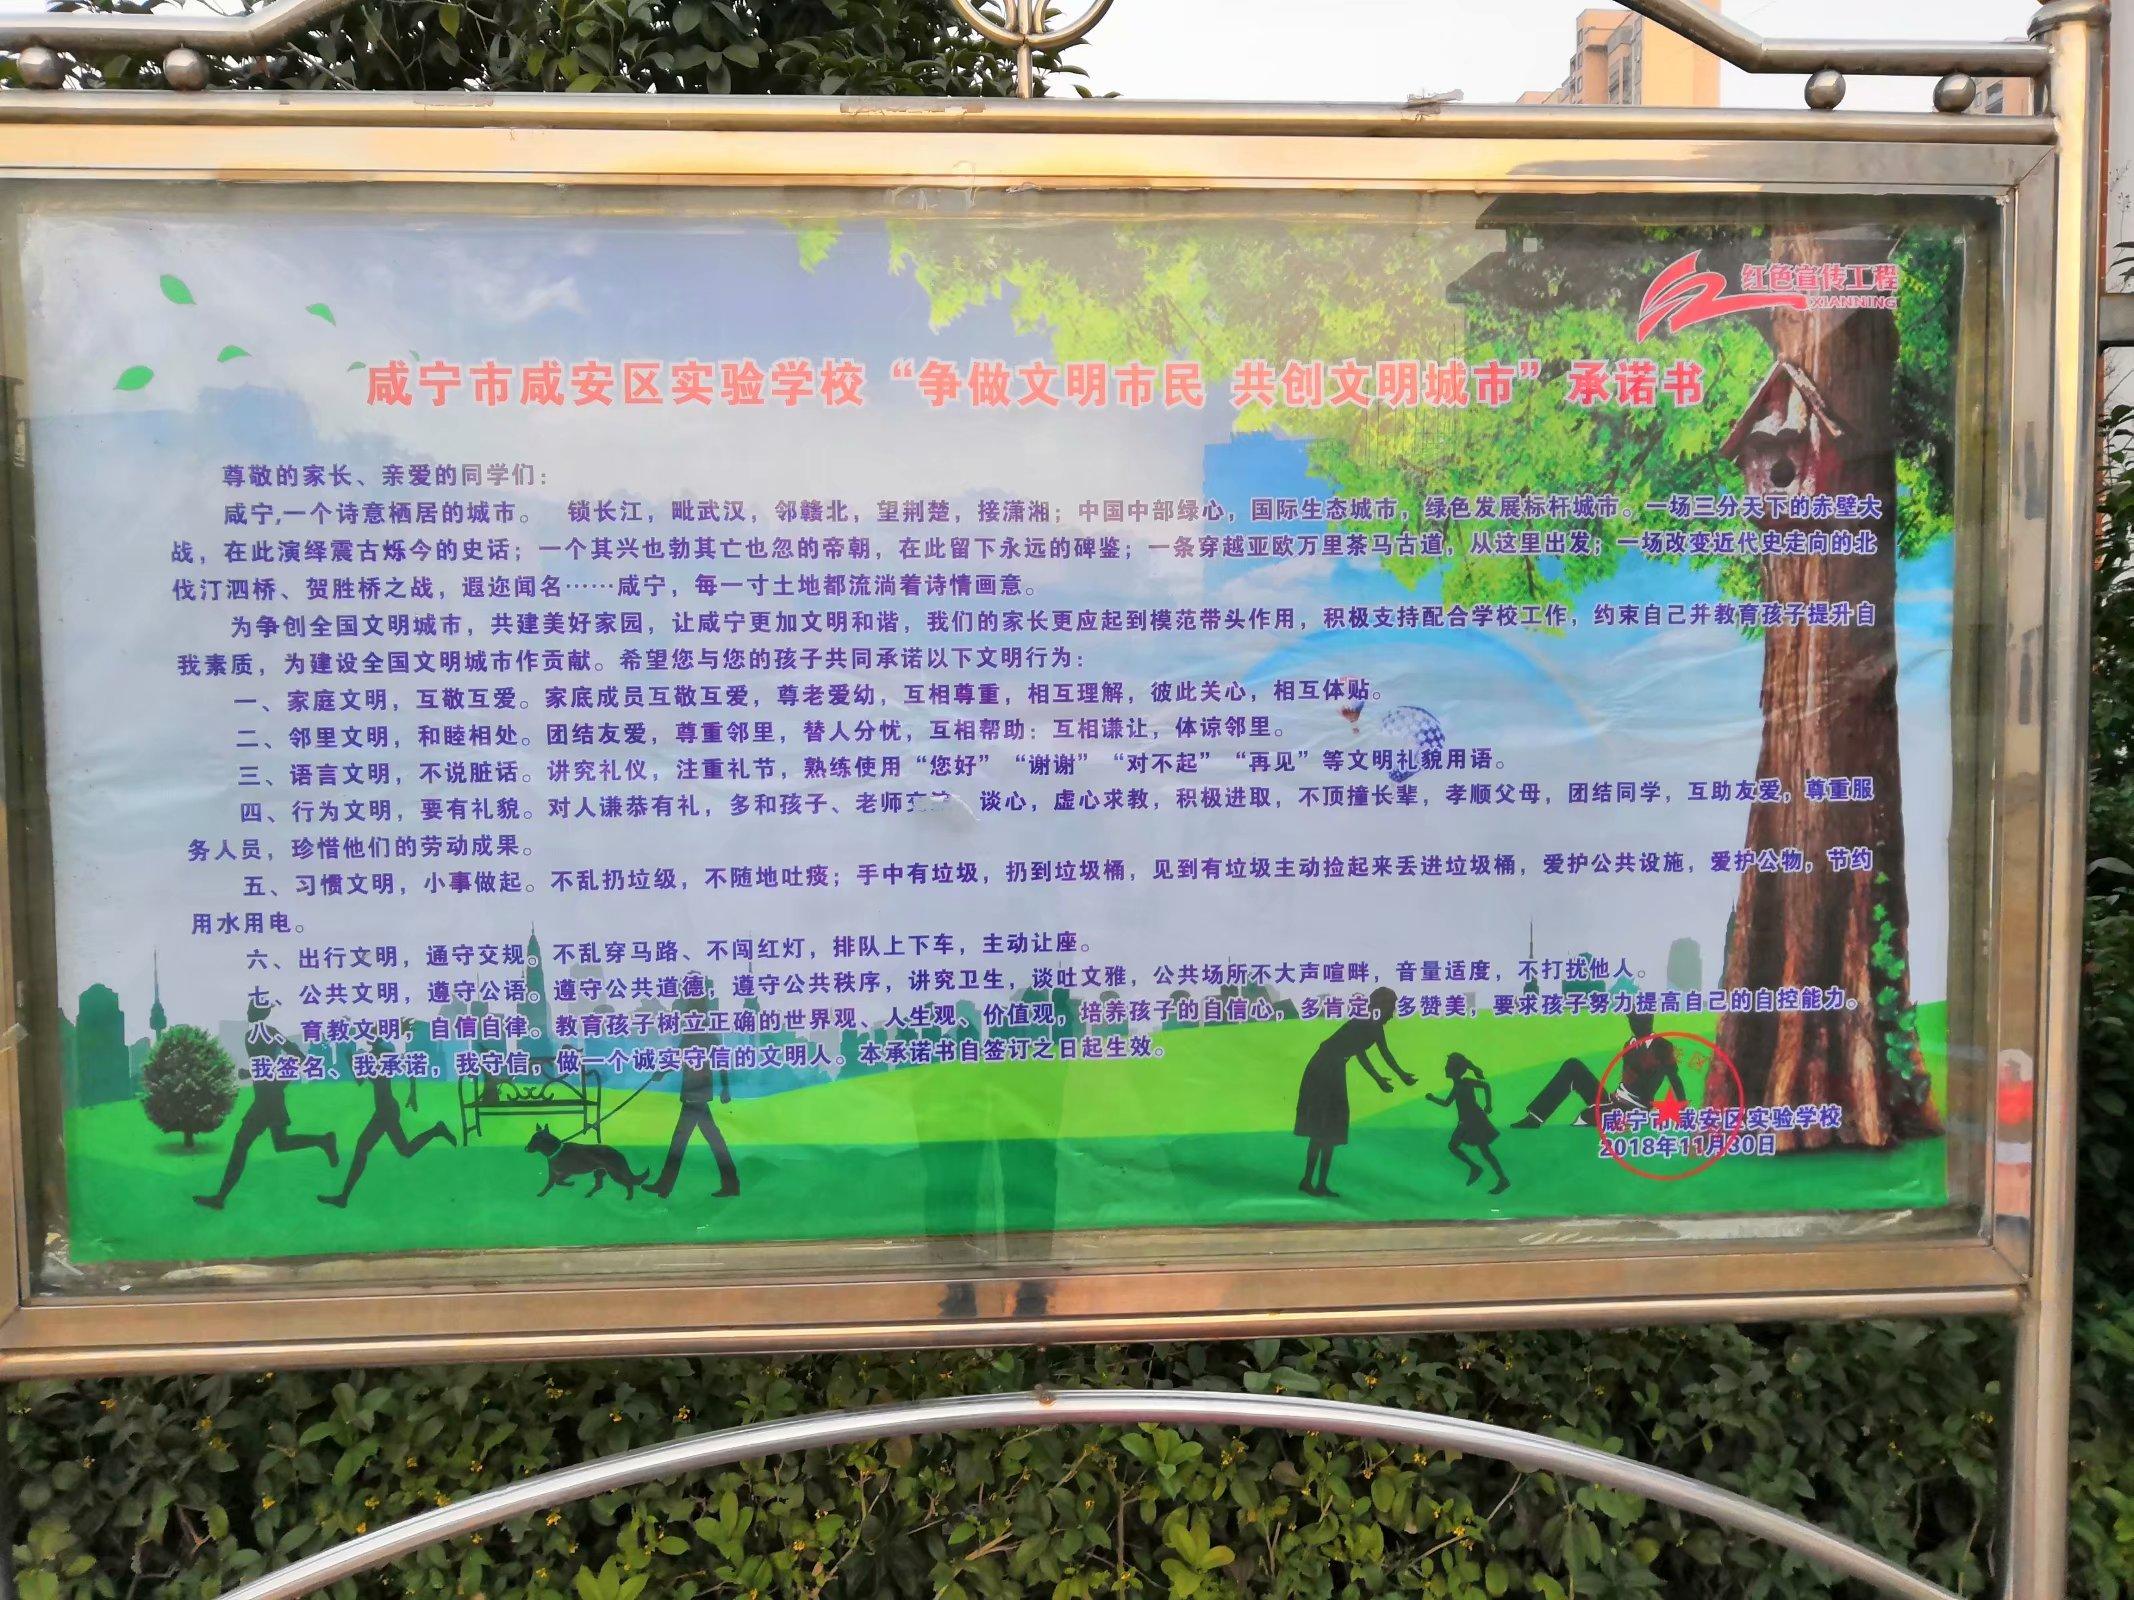 咸安区实验学校校园文化建设(图44)